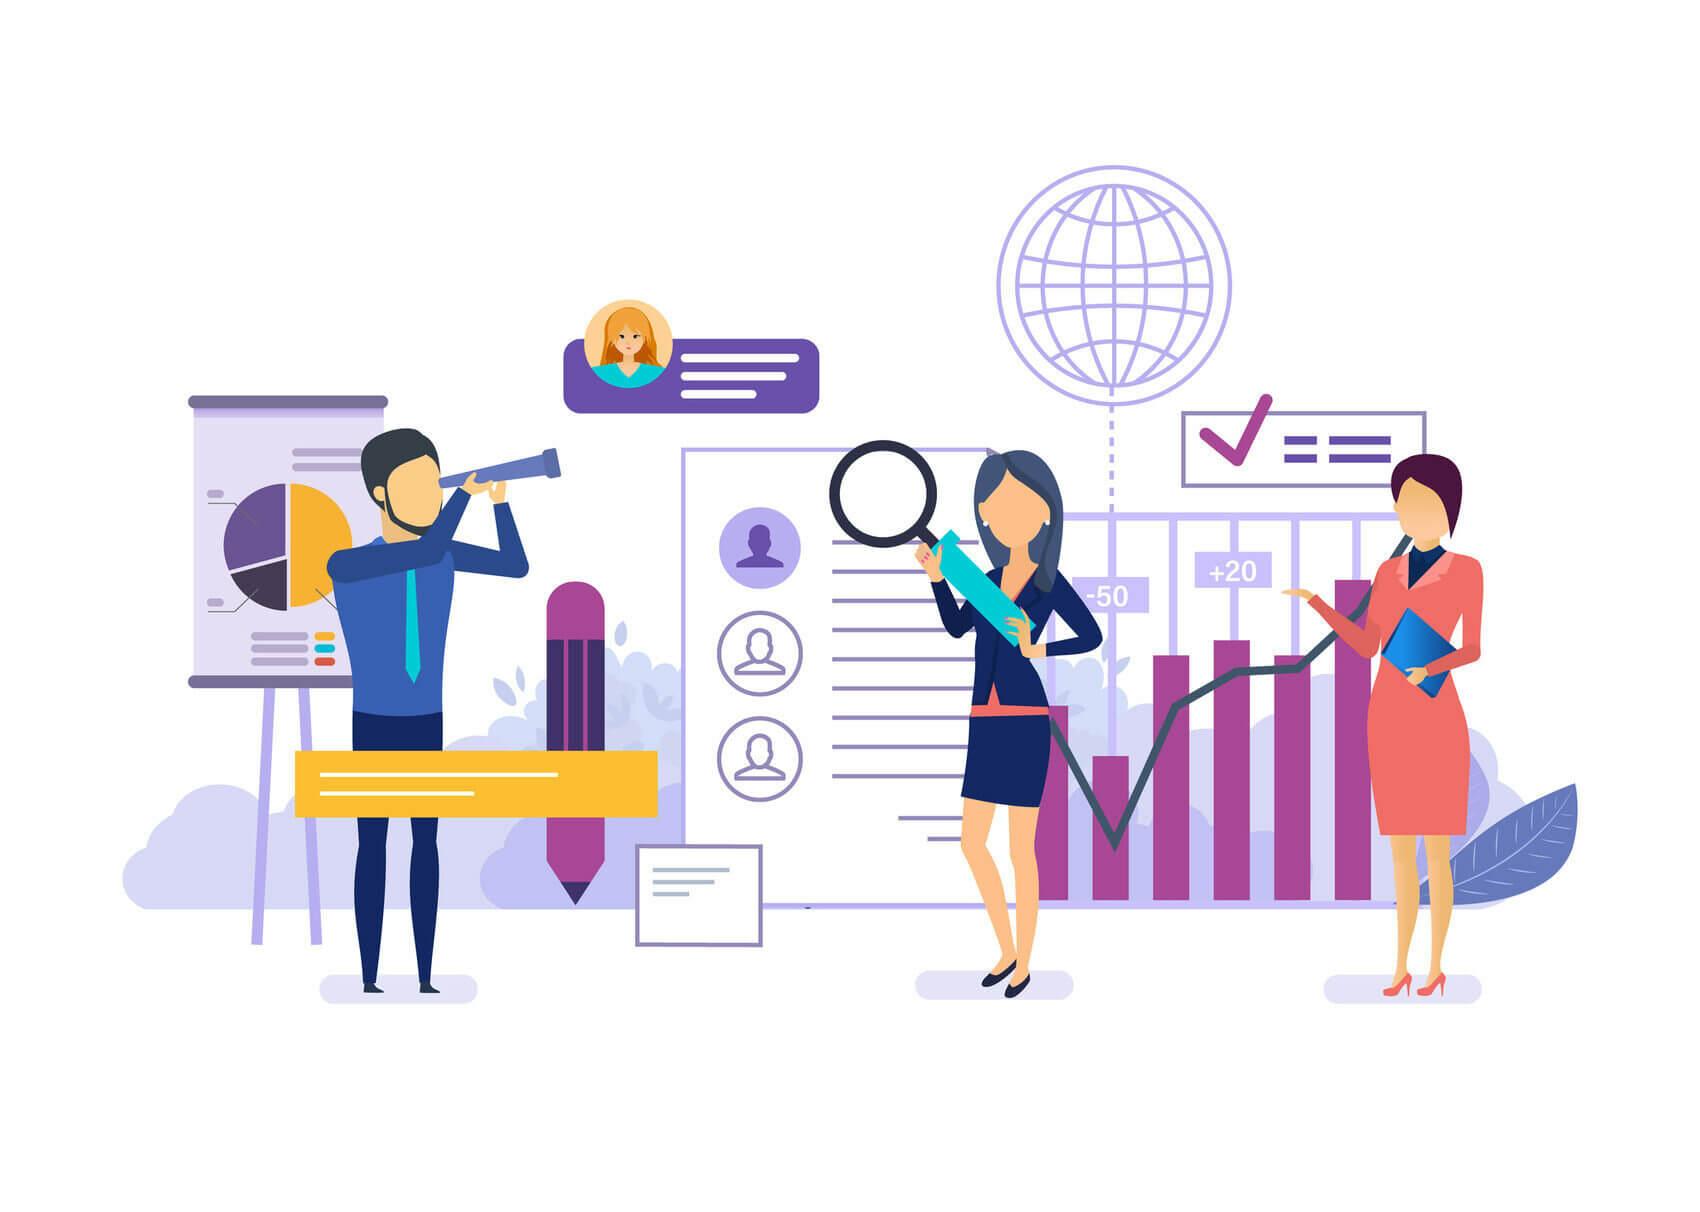 Plan de marketing digital: Elementos clave para definirlo - cognodata